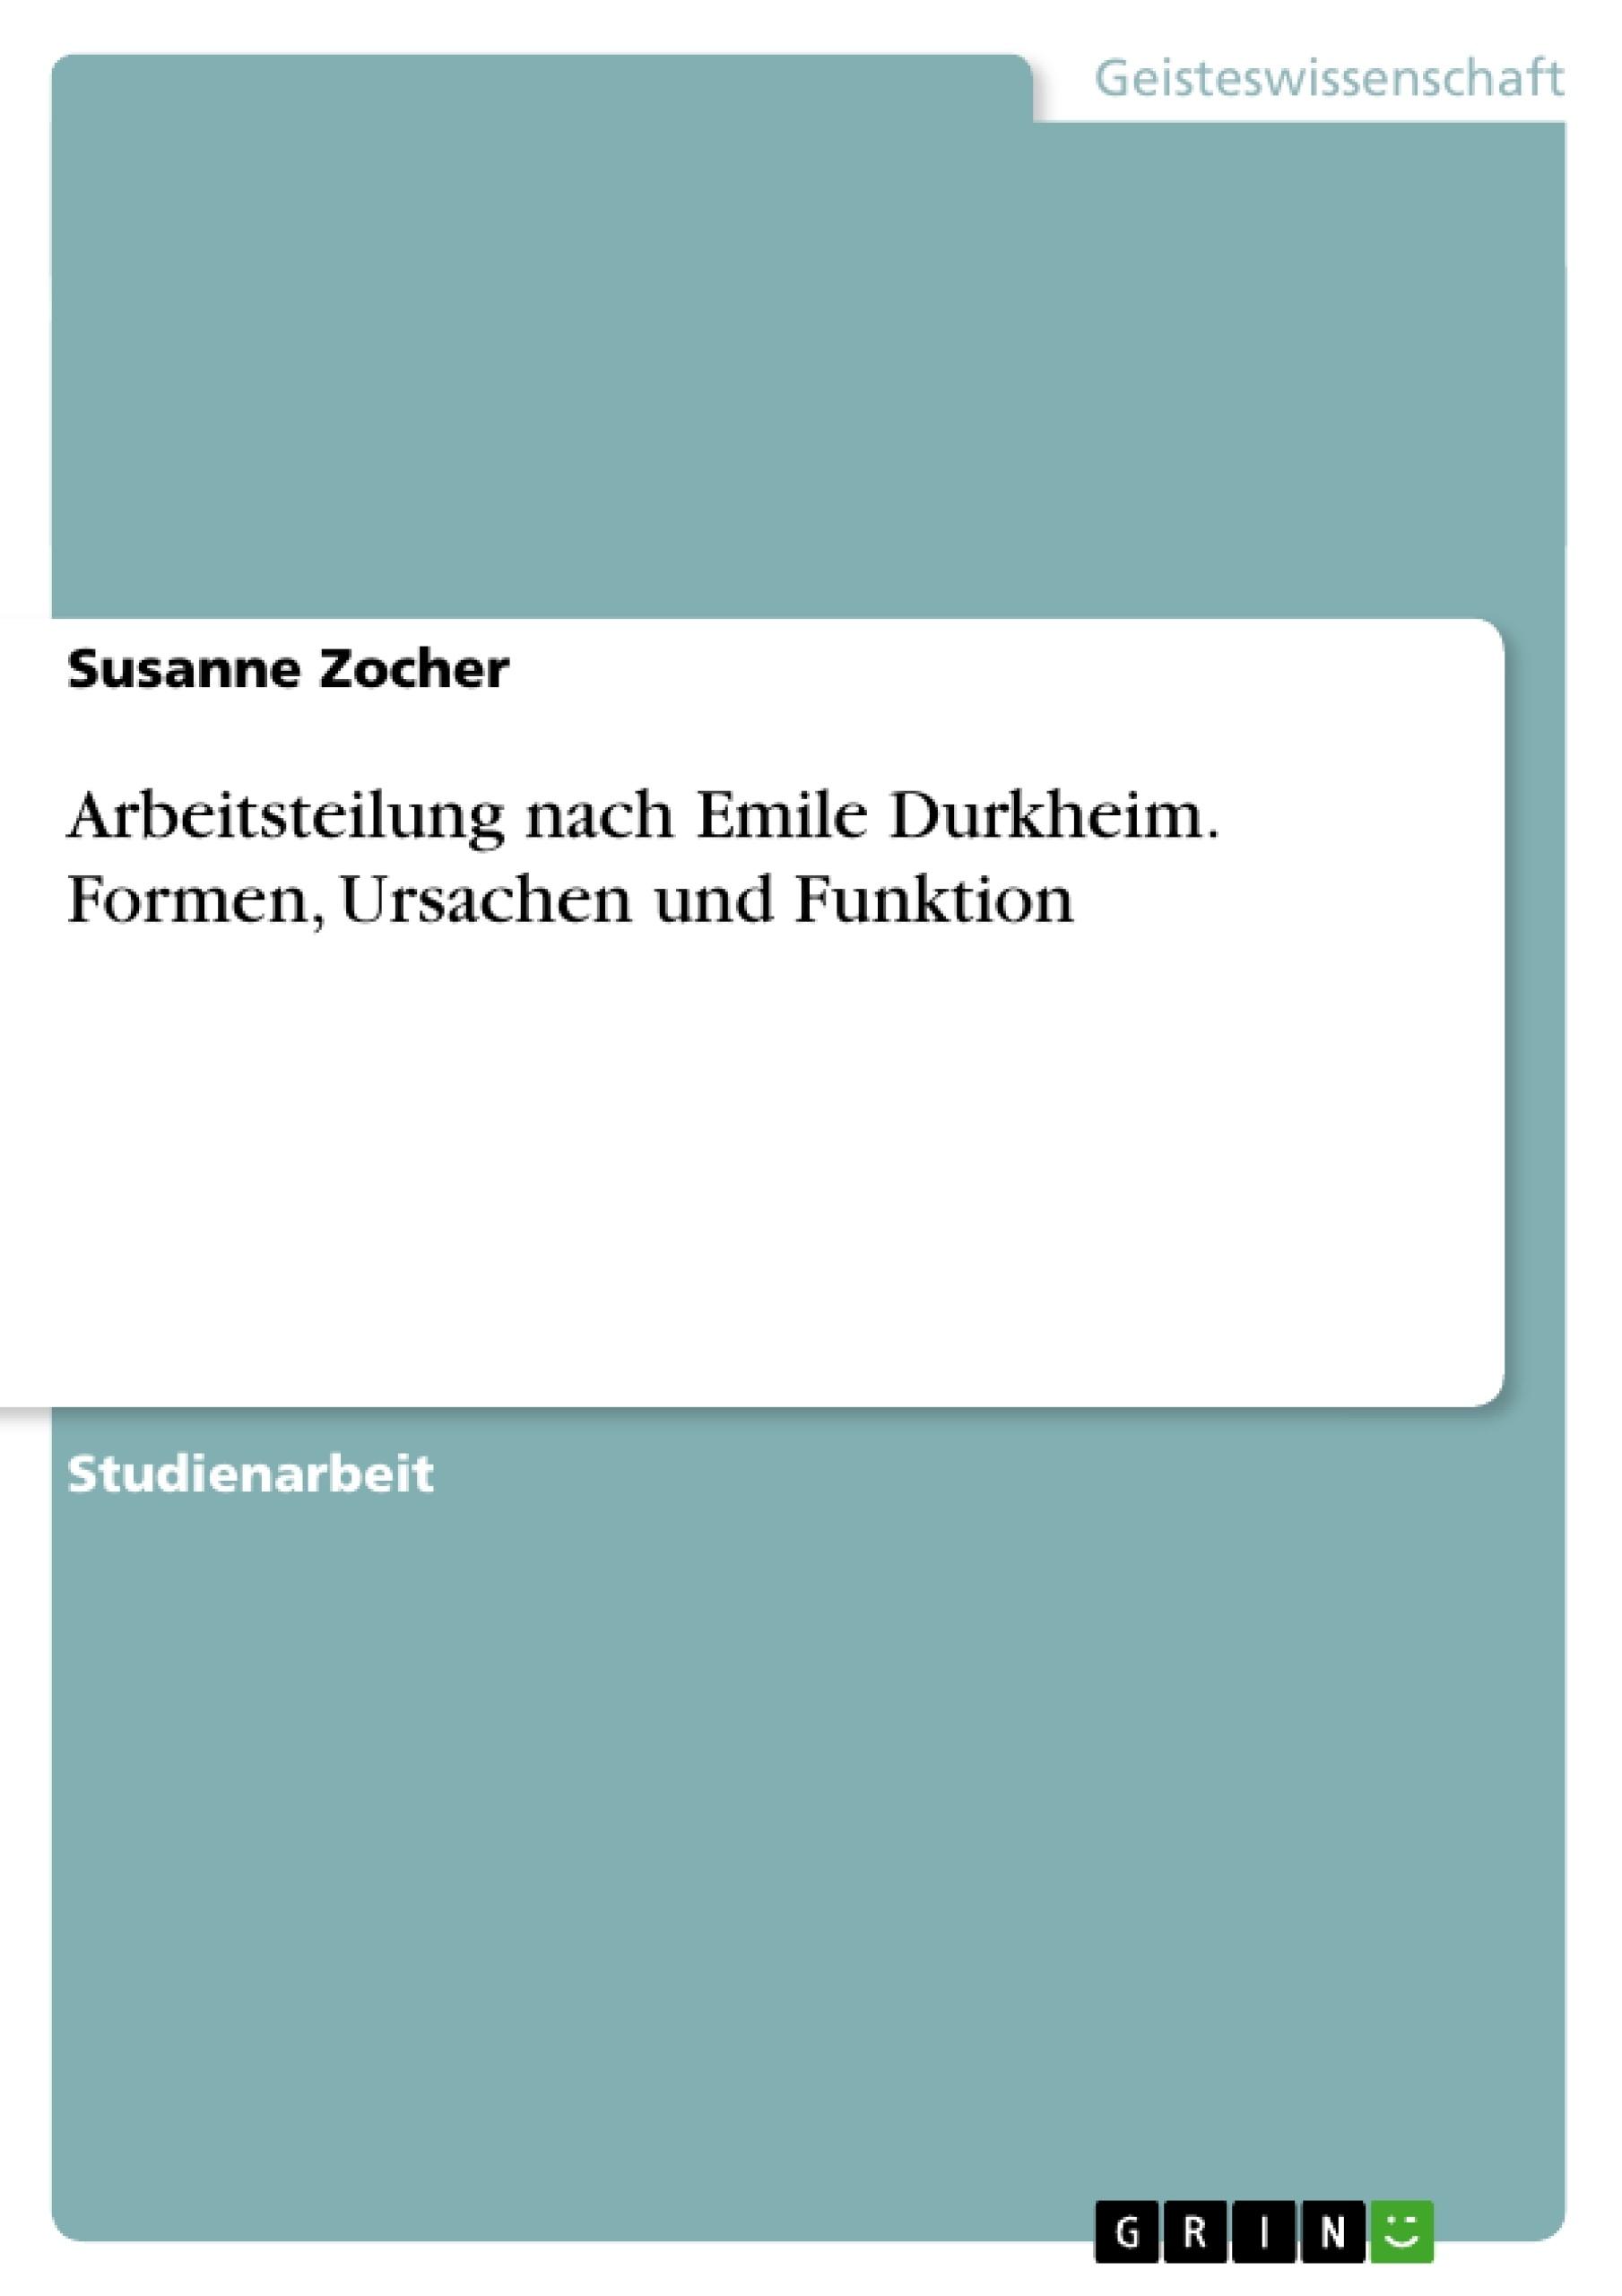 Titel: Arbeitsteilung nach Emile Durkheim. Formen, Ursachen und Funktion